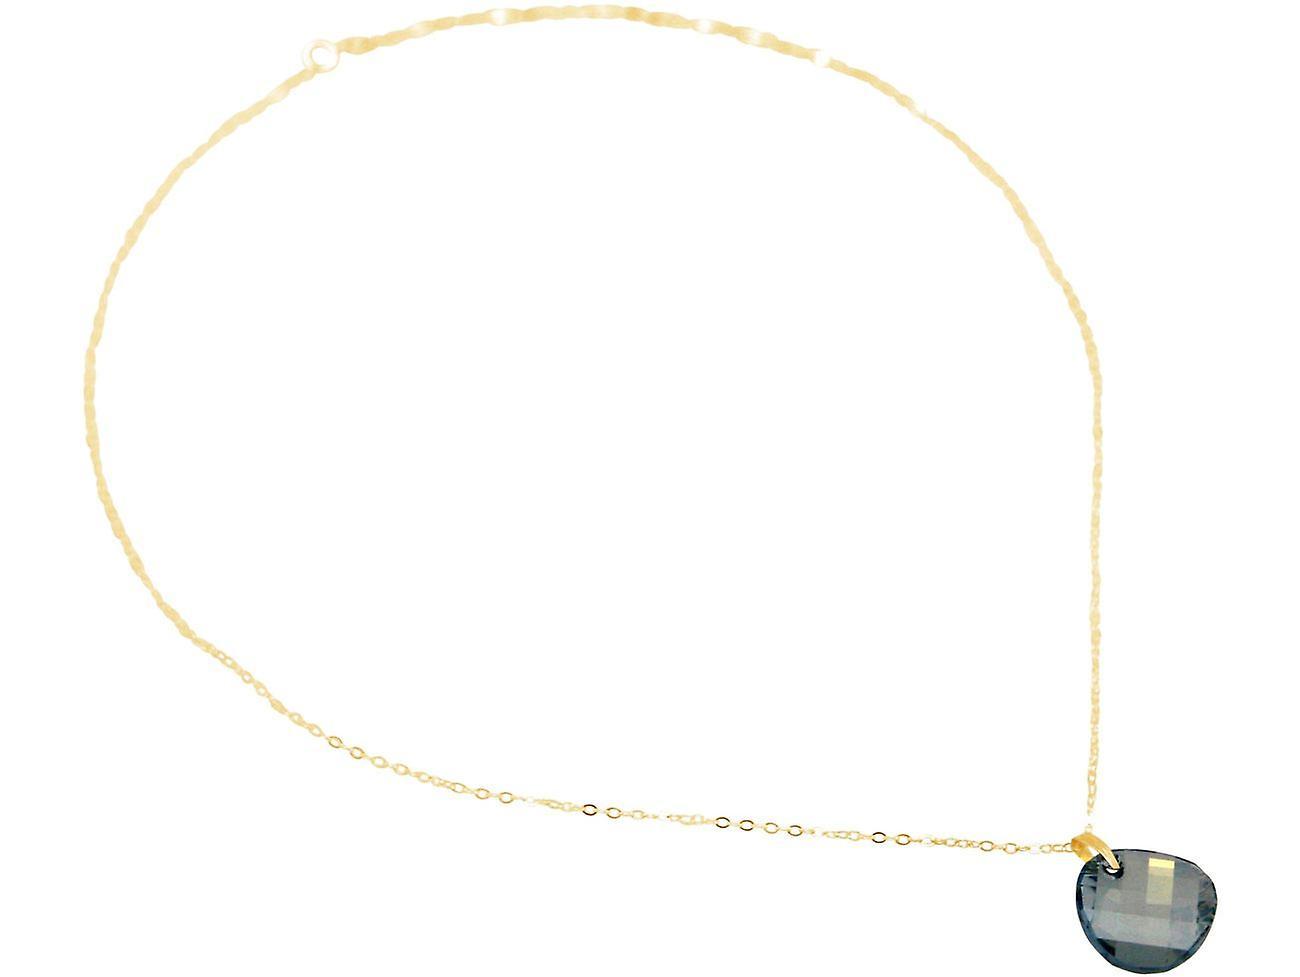 Gemshine Kette Aqua TWIST Anhänger 925 Silber oder vergoldet SWAROVSKI ELEMENTS